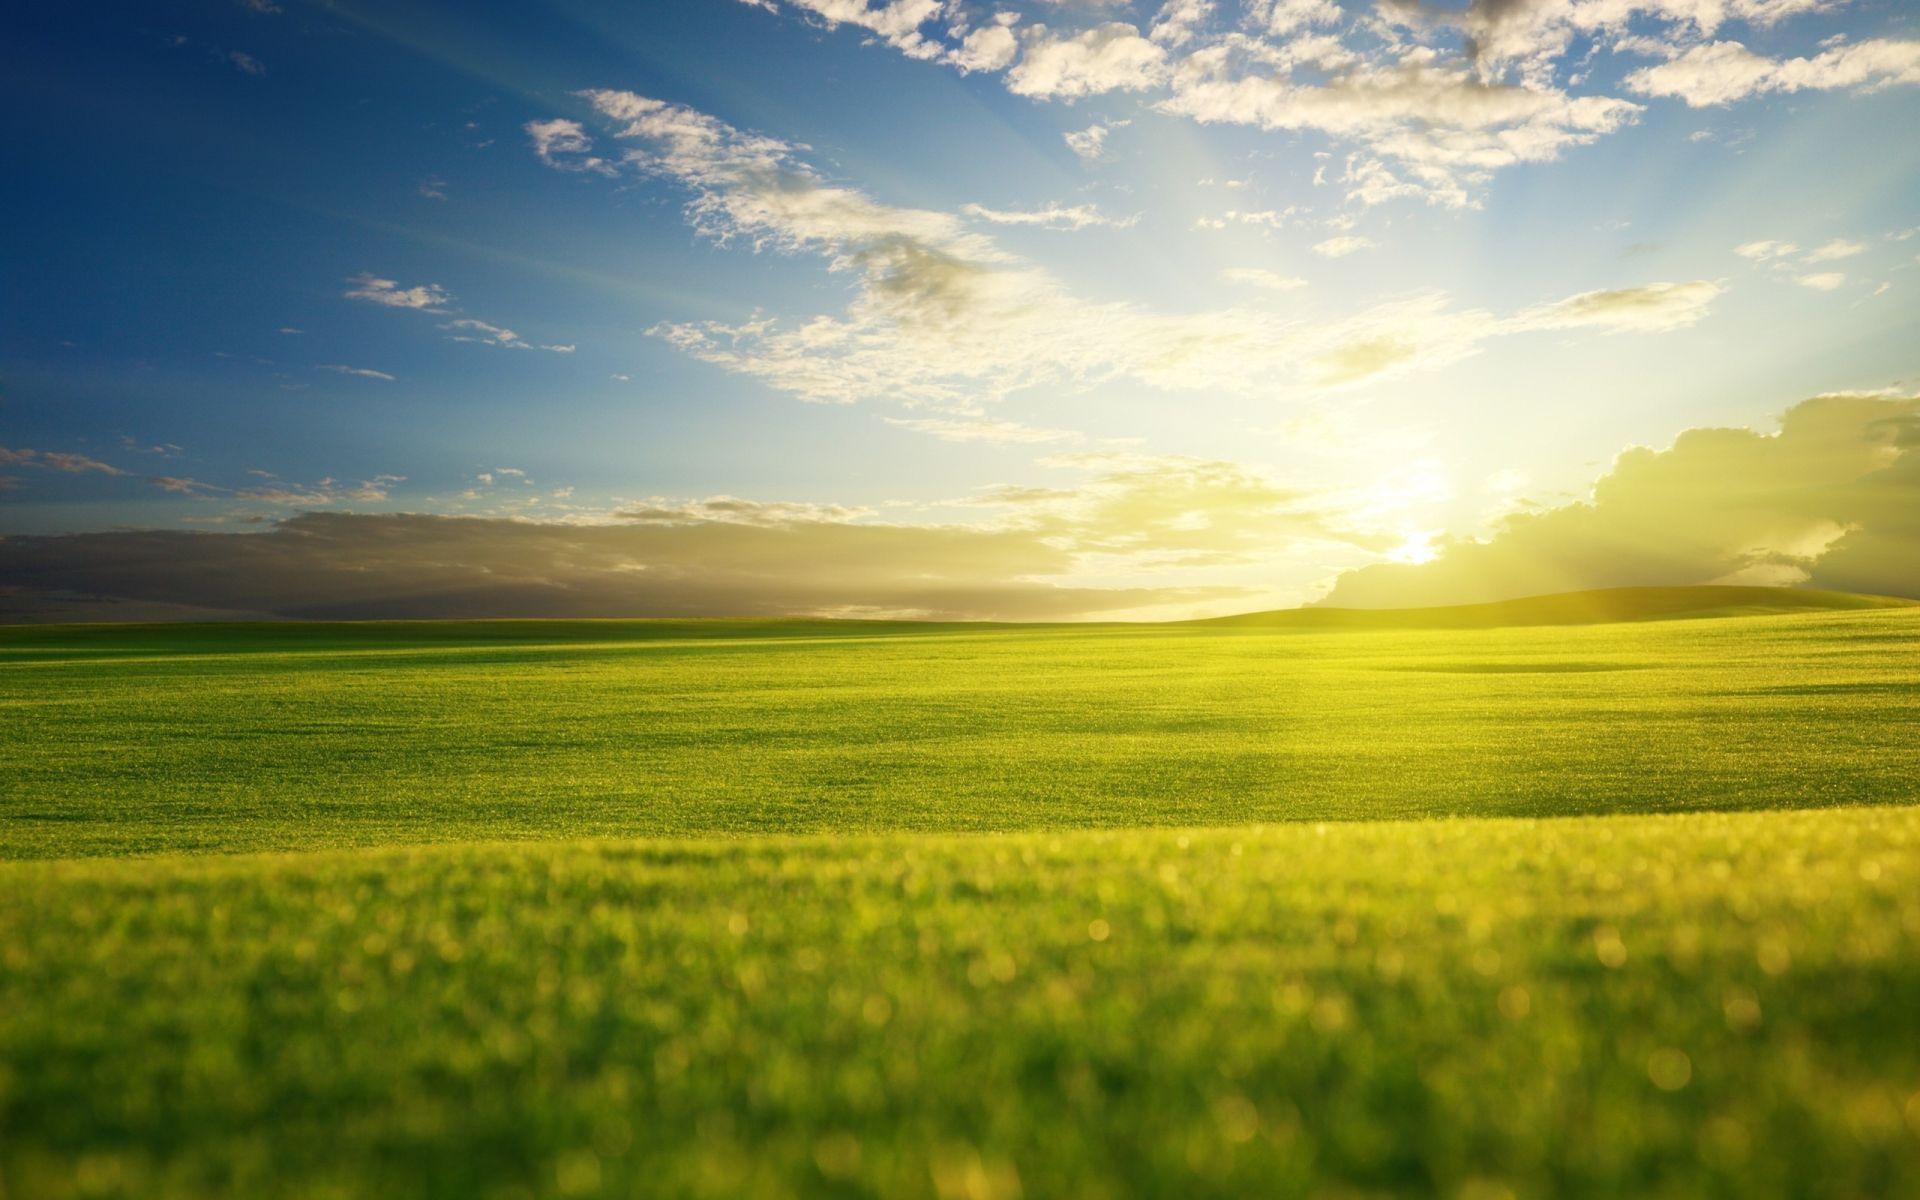 Sunrise Desktop Wallpaper